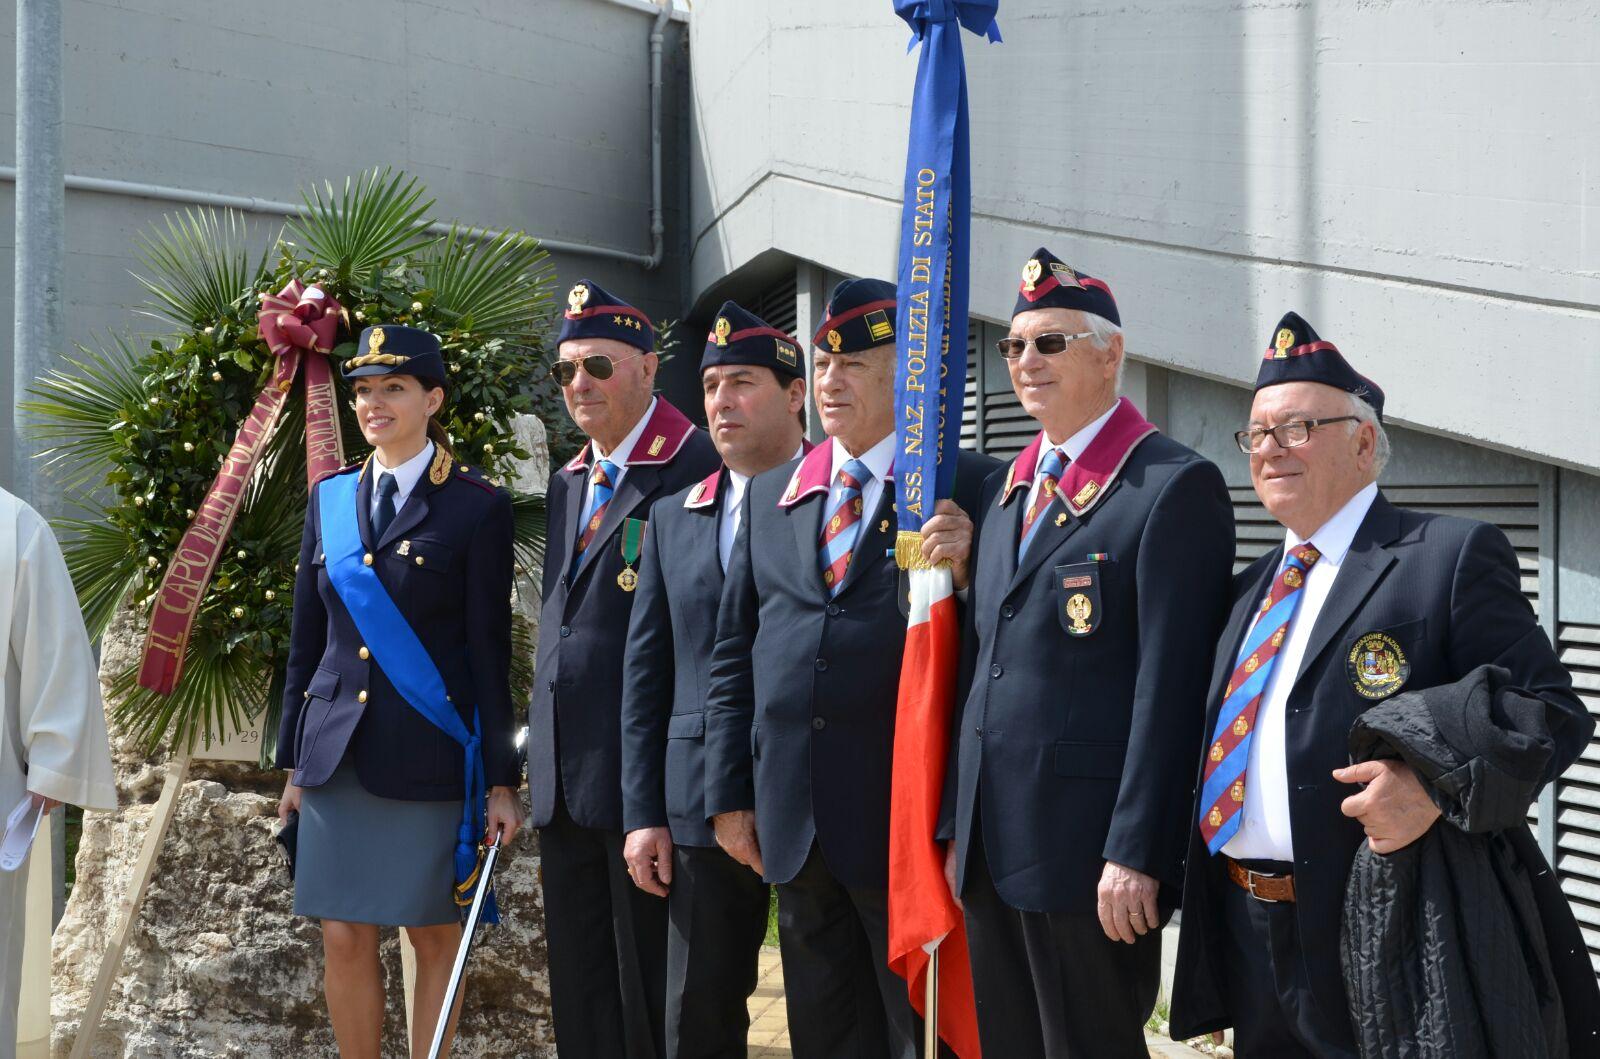 ANPS DI BARI: 166° Anniversario della Fondazione della Polizia di Stato